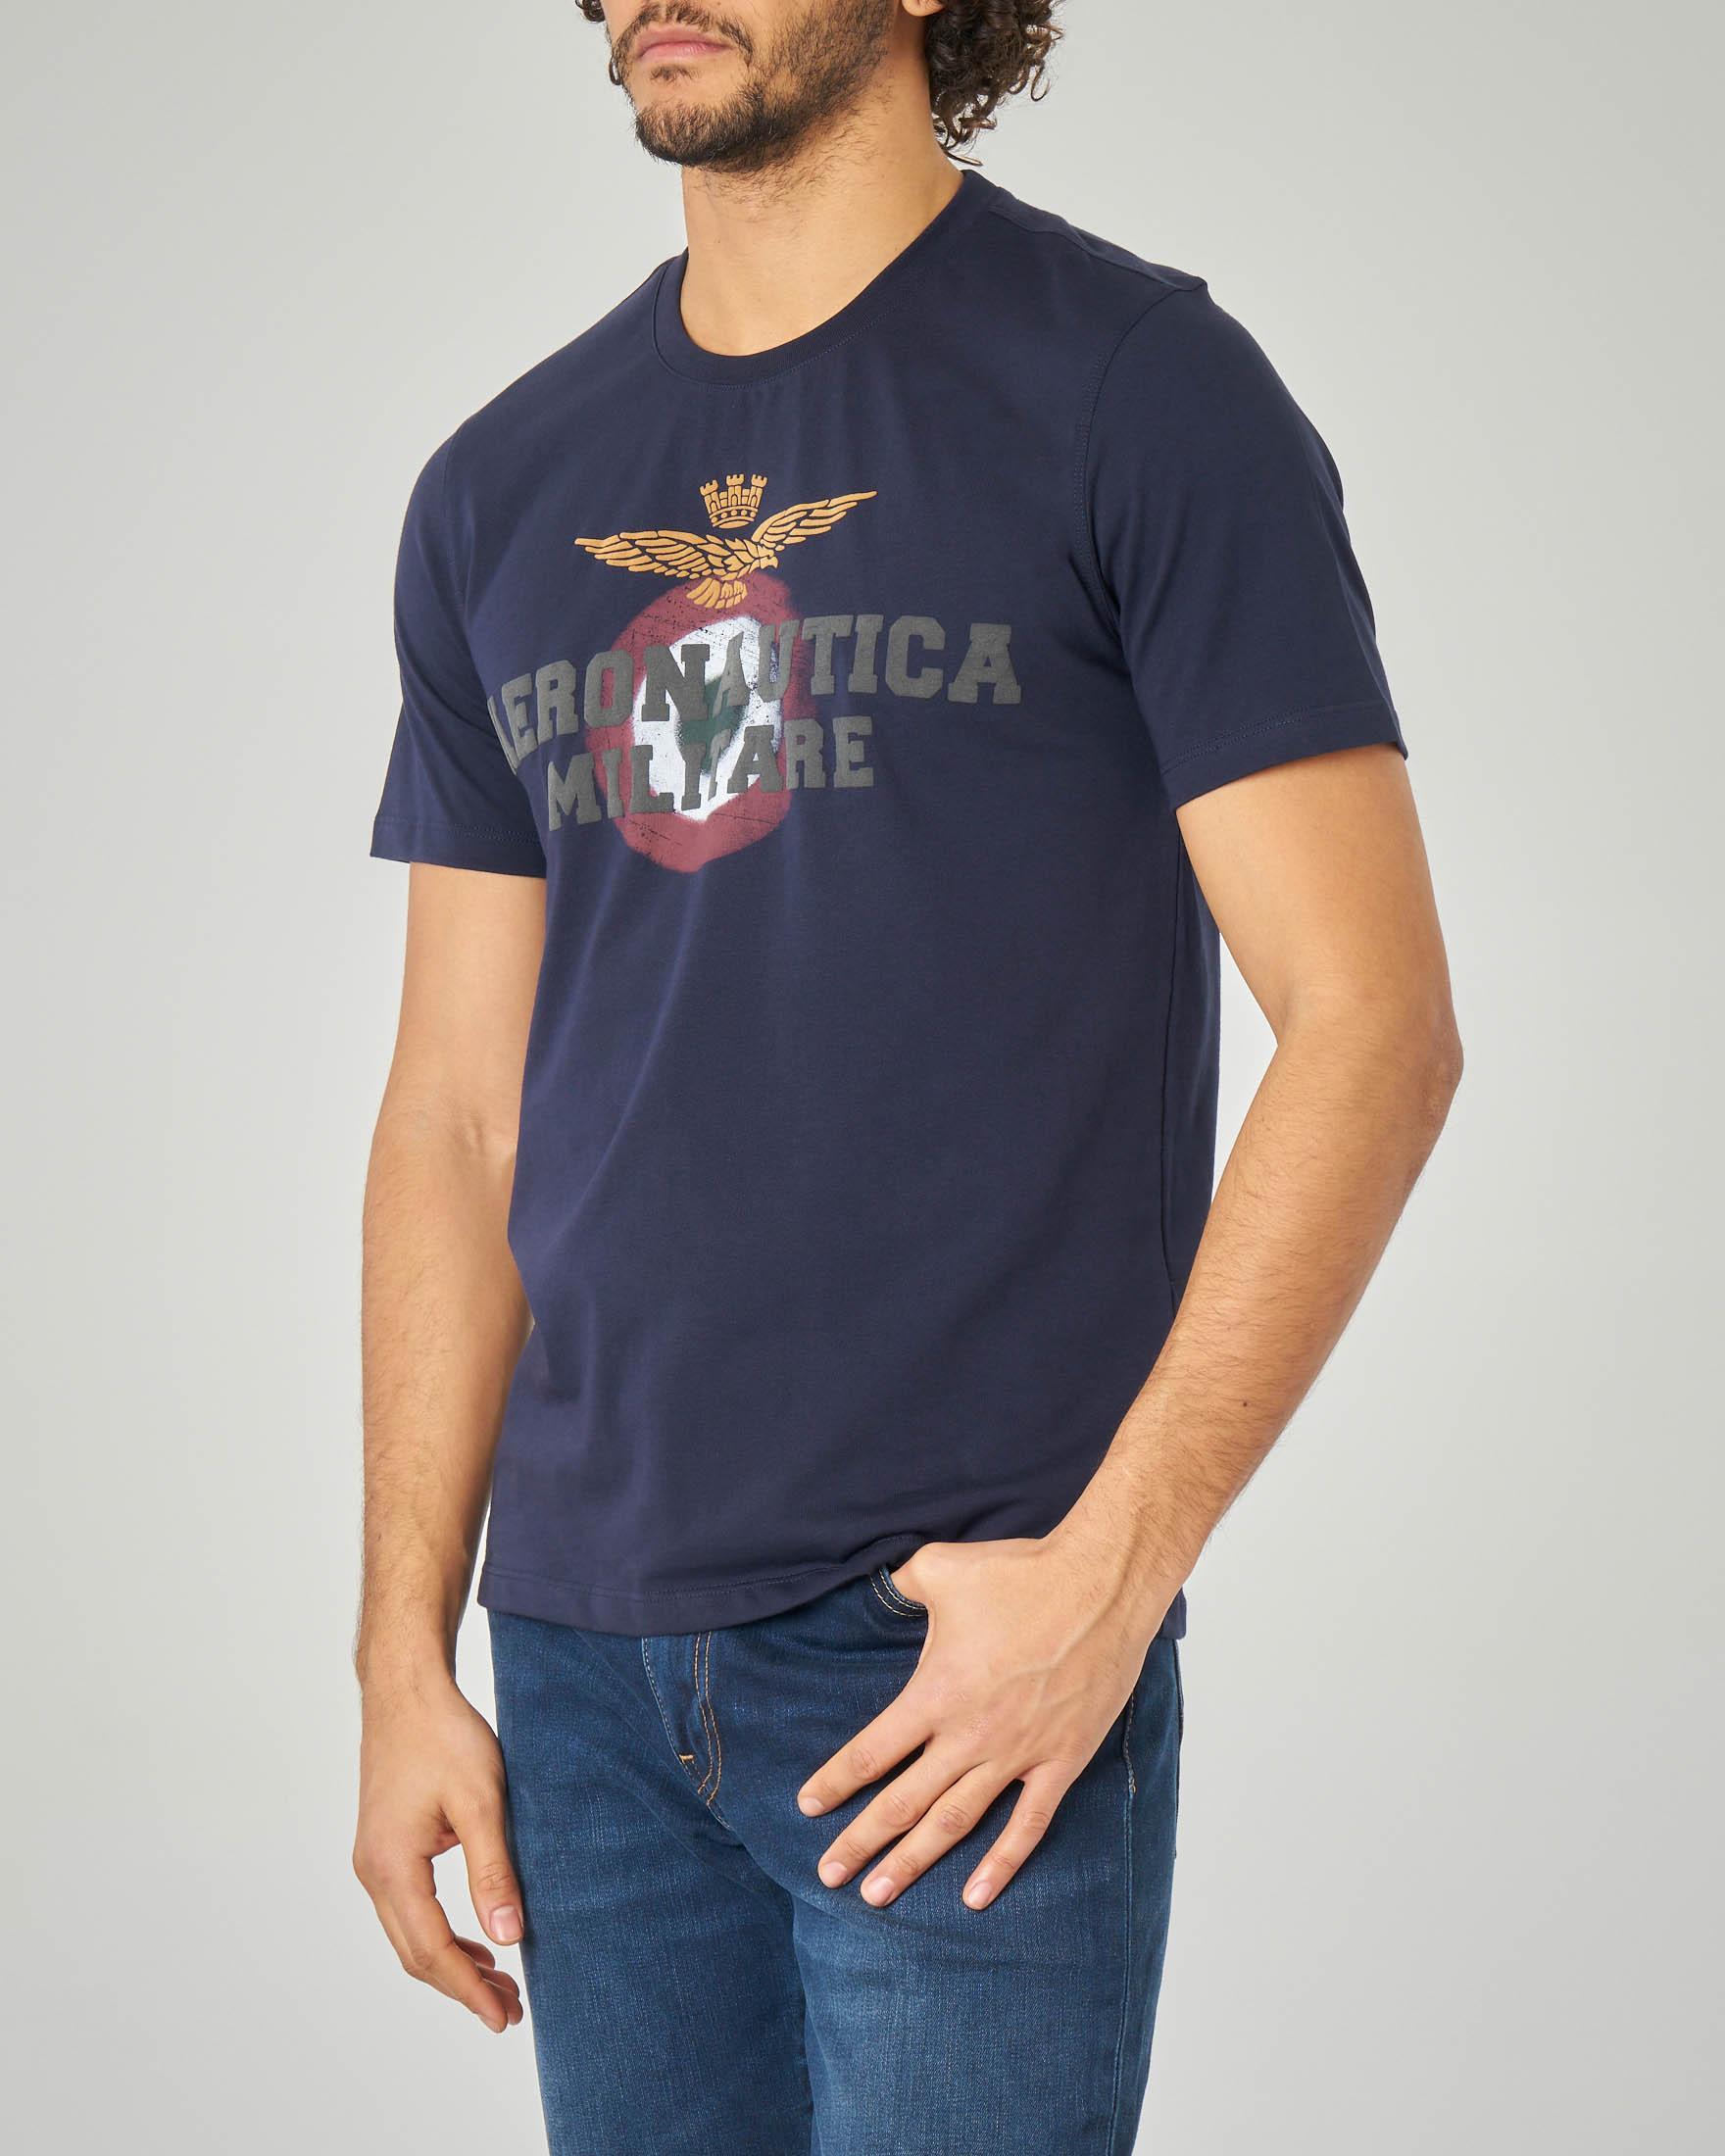 T-shirt blu con logo e aquila sul petto